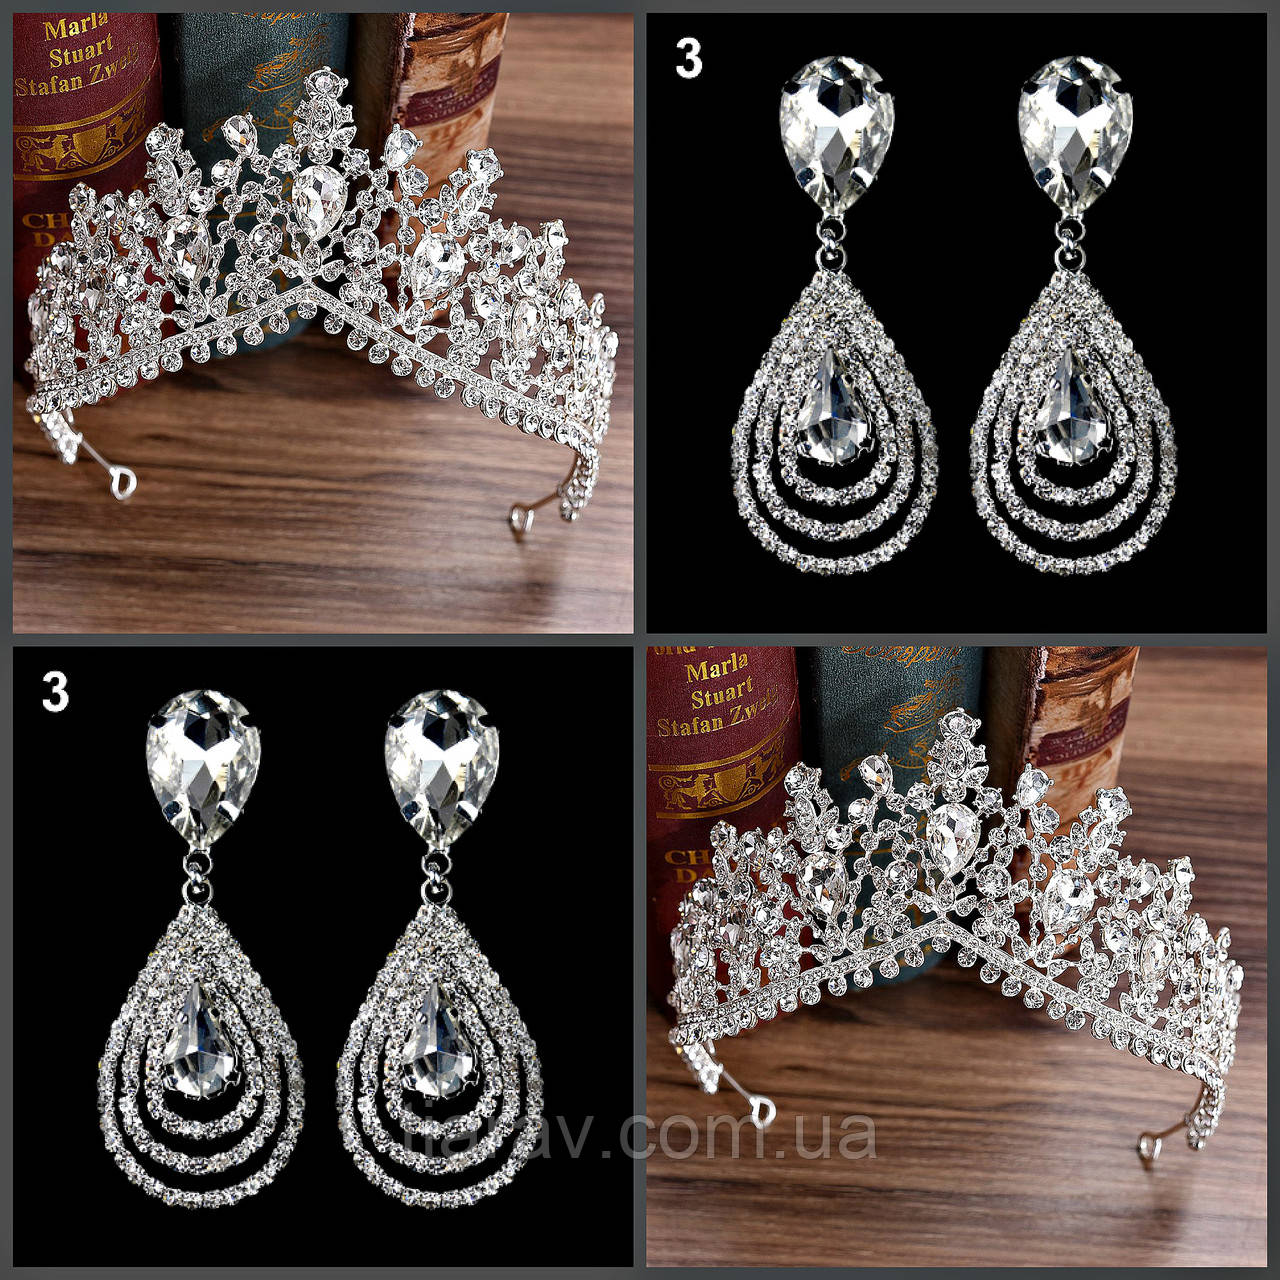 Діадема весільна корона і сережки весільна біжутерія набір ЕЛІЗА діадеми тіари корони прикраси